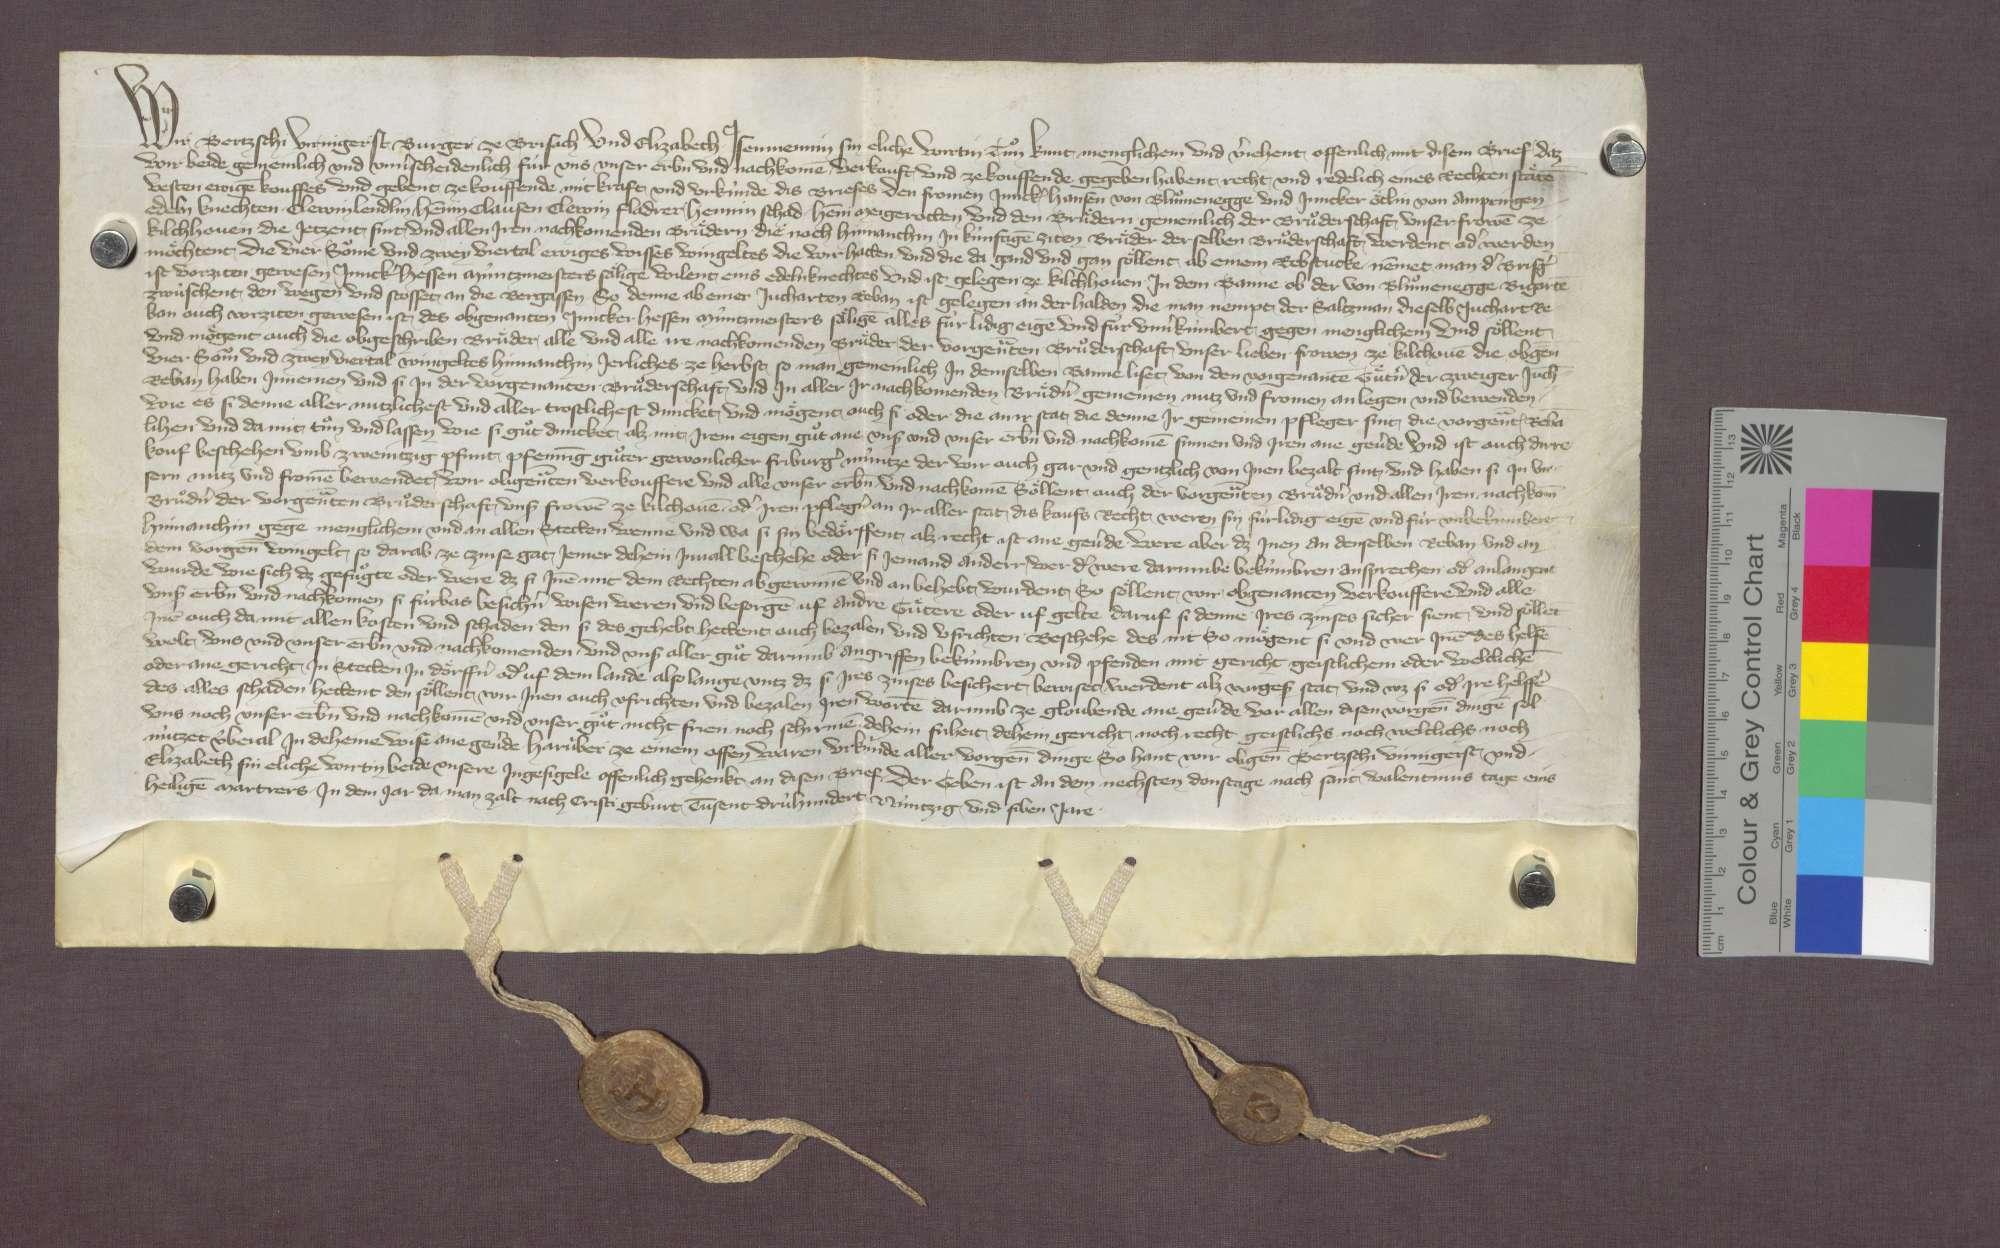 Bertsche Viringer von Breisach verkauft der Liebfrauen-Bruderschaft zu Kirchhofen eine Weingült in Kirchhofen., Bild 1